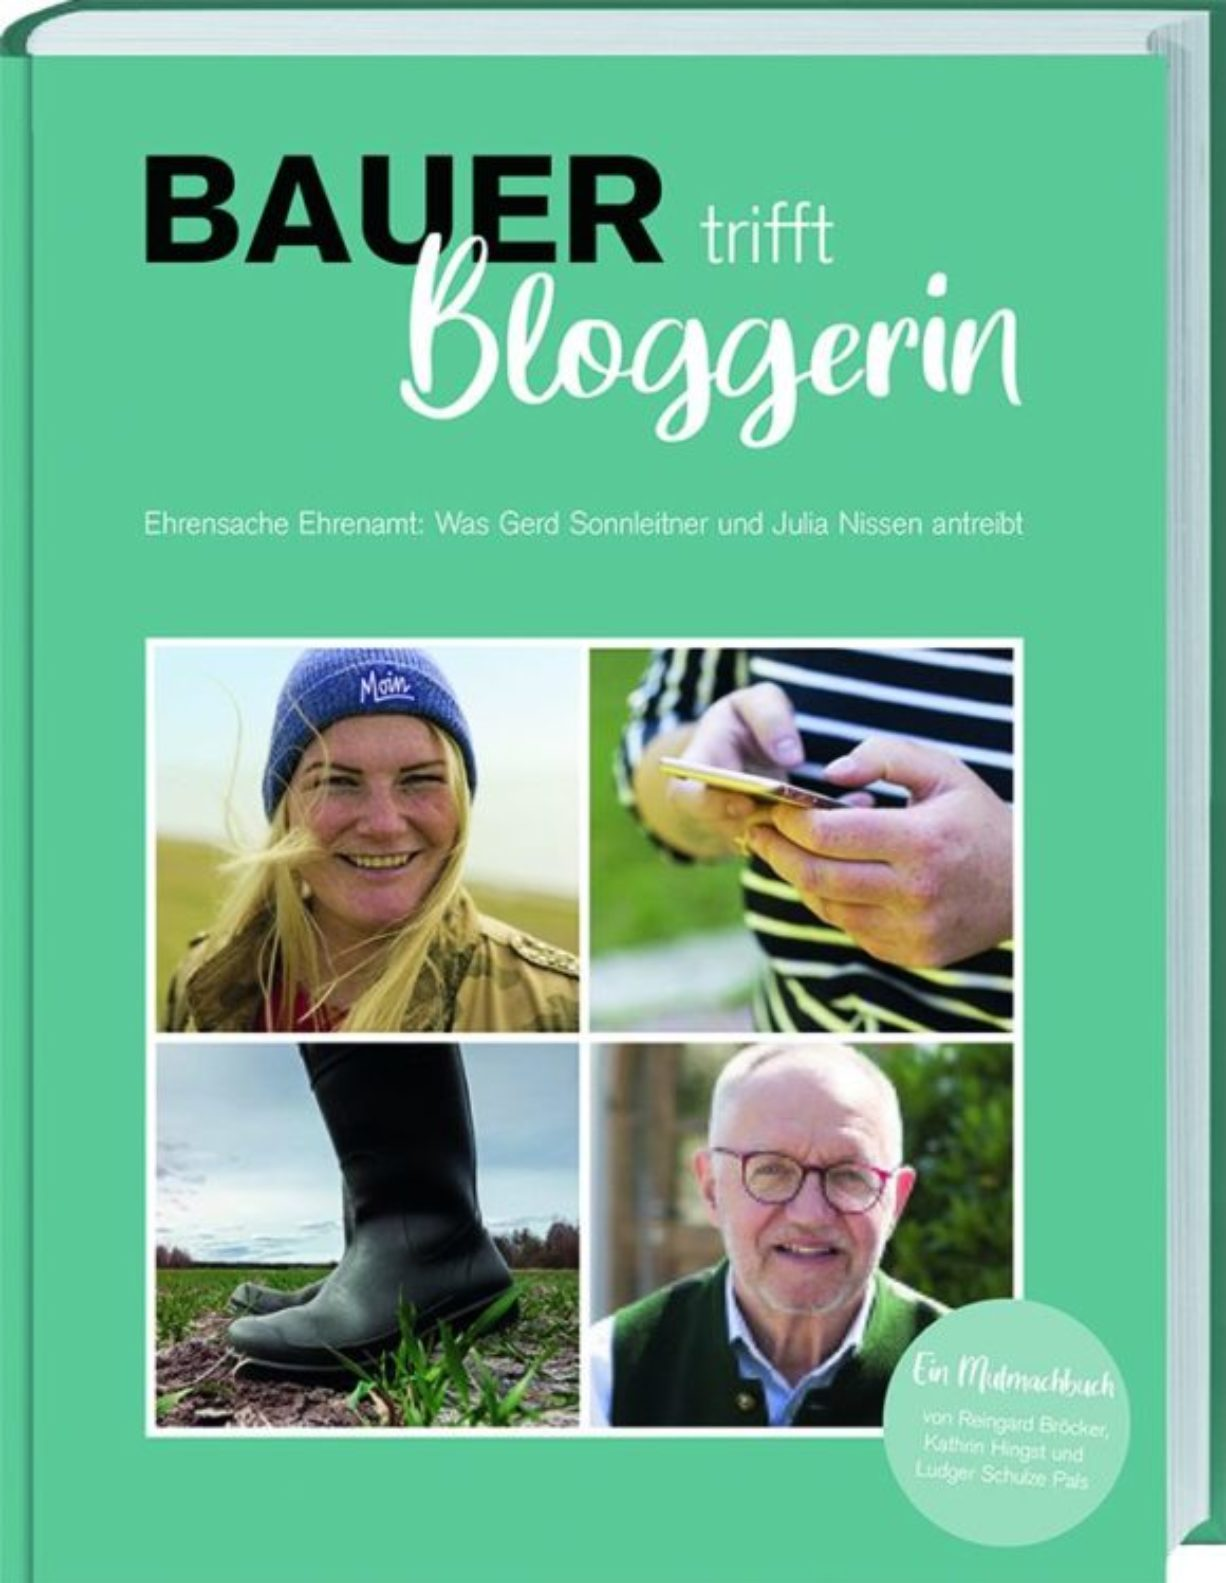 Buchcover (Foto: Landwirtschaftsverlag GmbH)